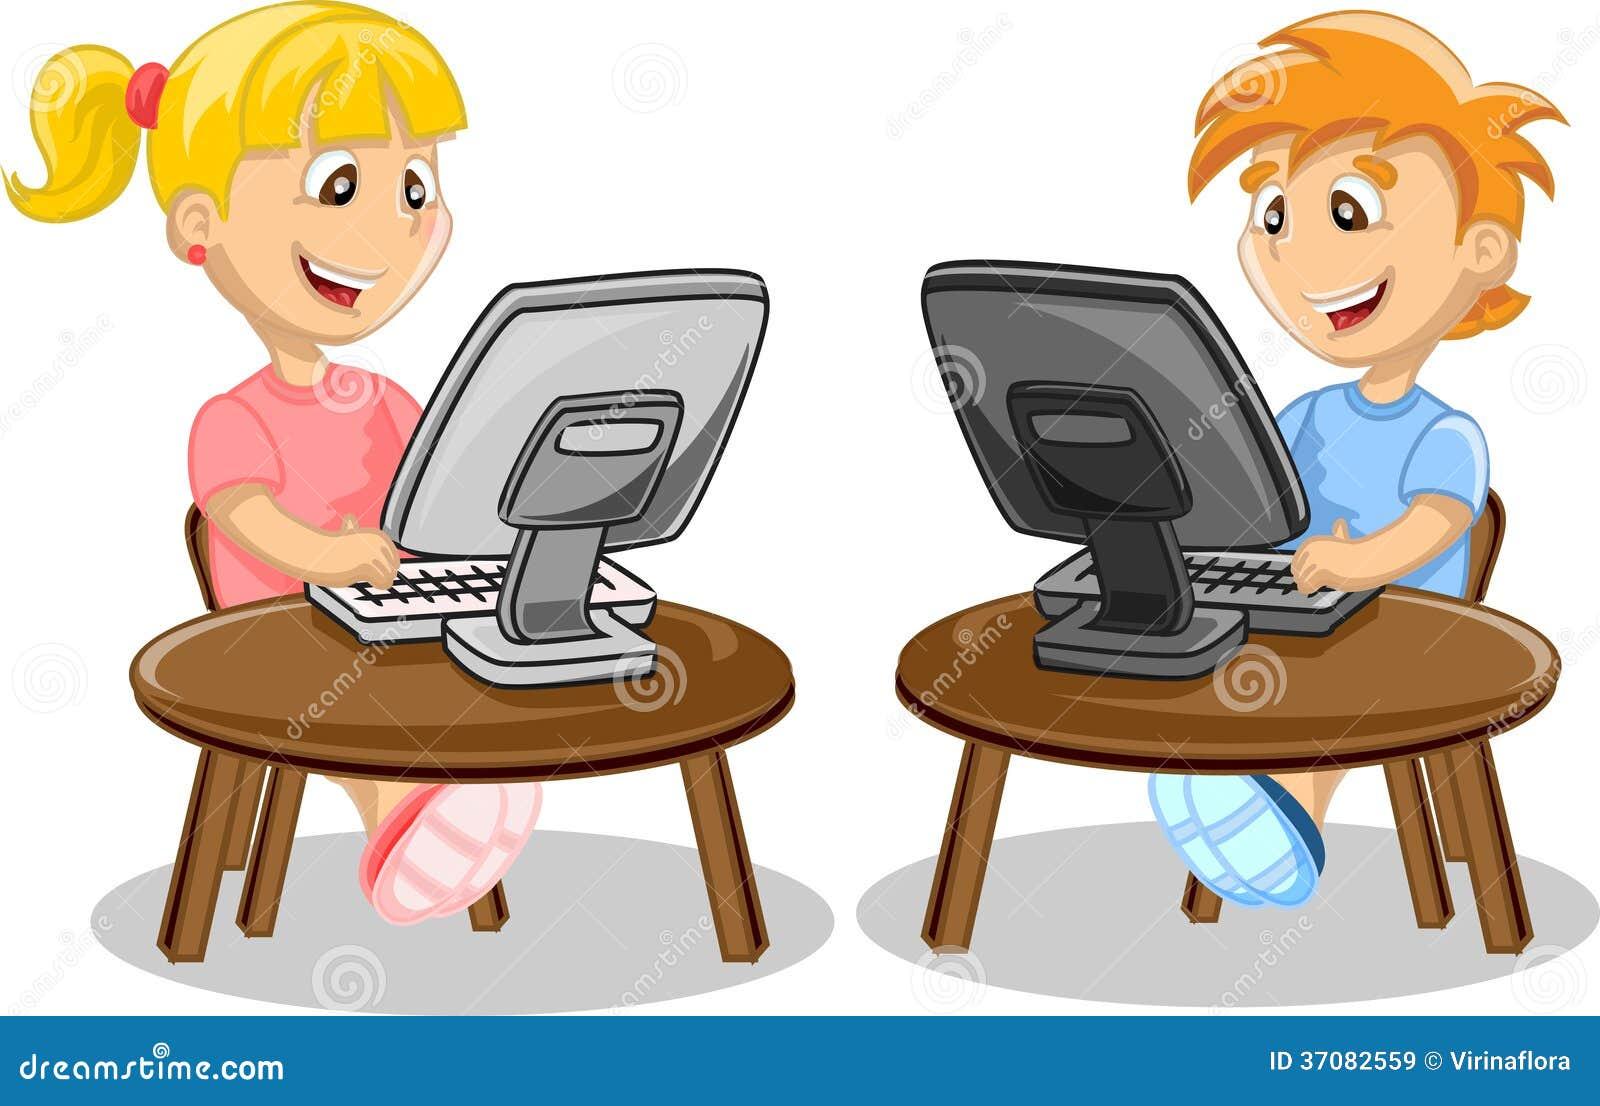 Download Dzieci i komputer ilustracja wektor. Ilustracja złożonej z odosobniony - 37082559